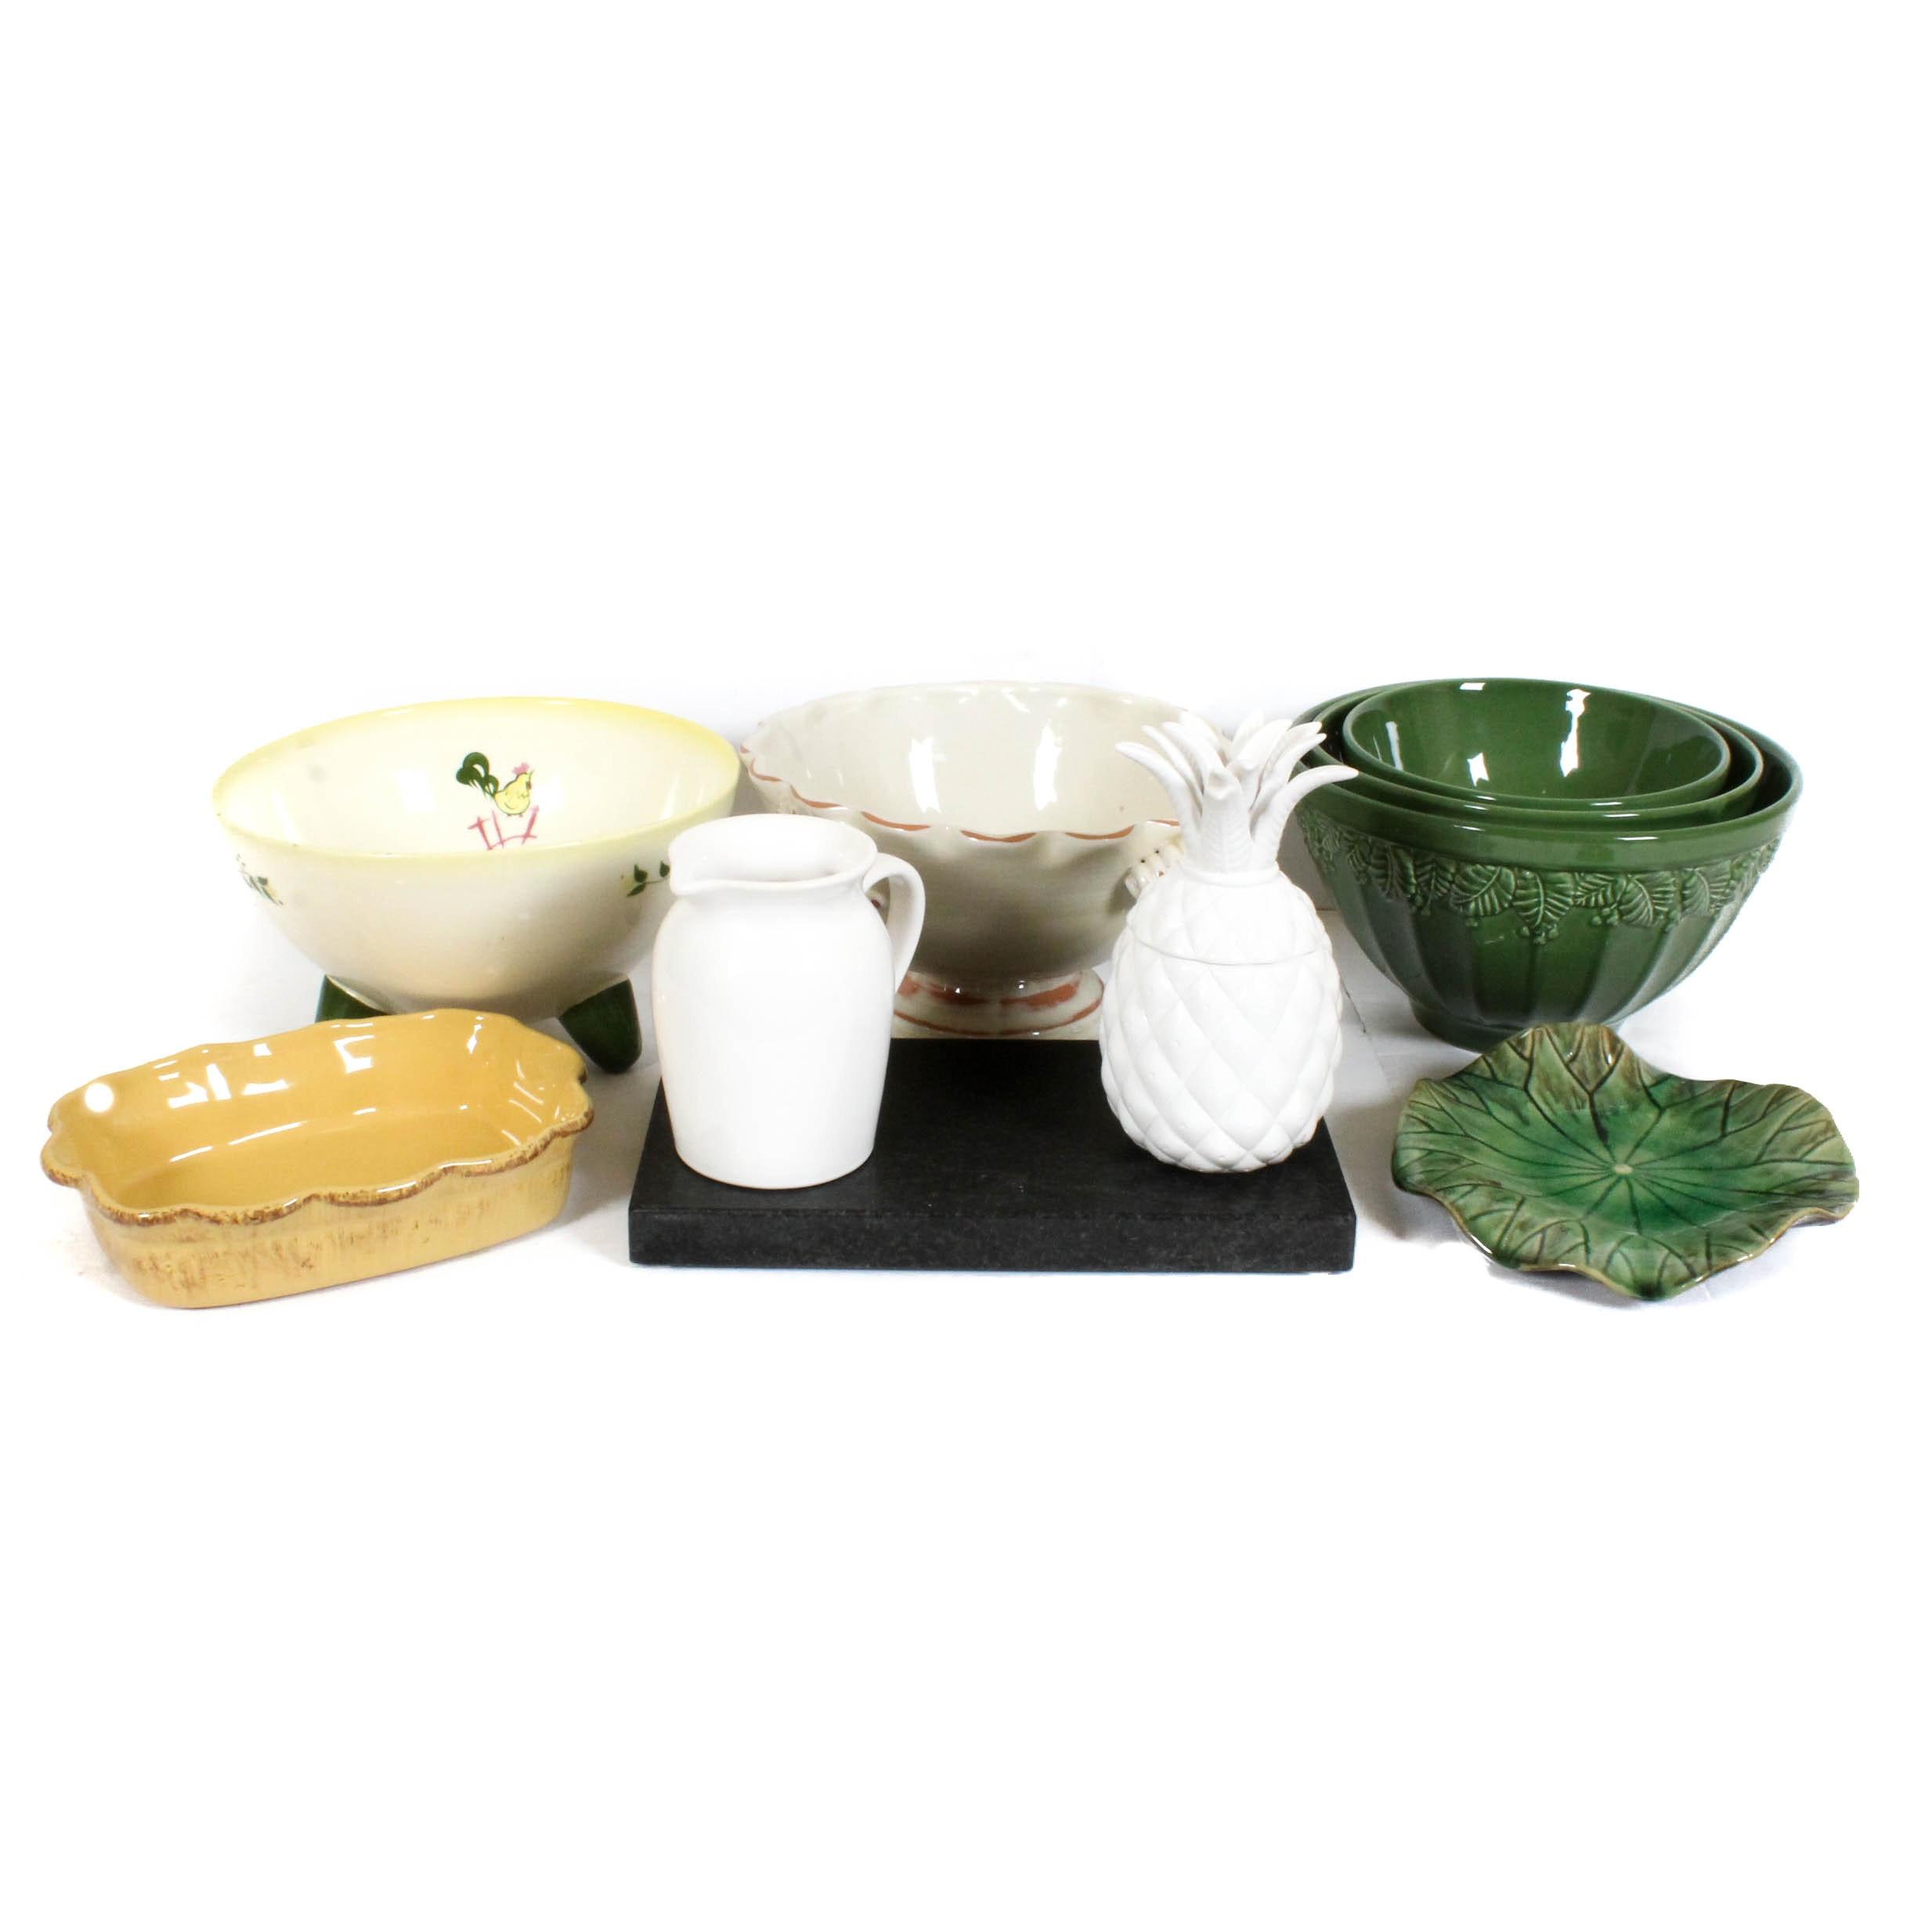 Designer and Artisanal Ceramics Featuring Arhaus and Napco